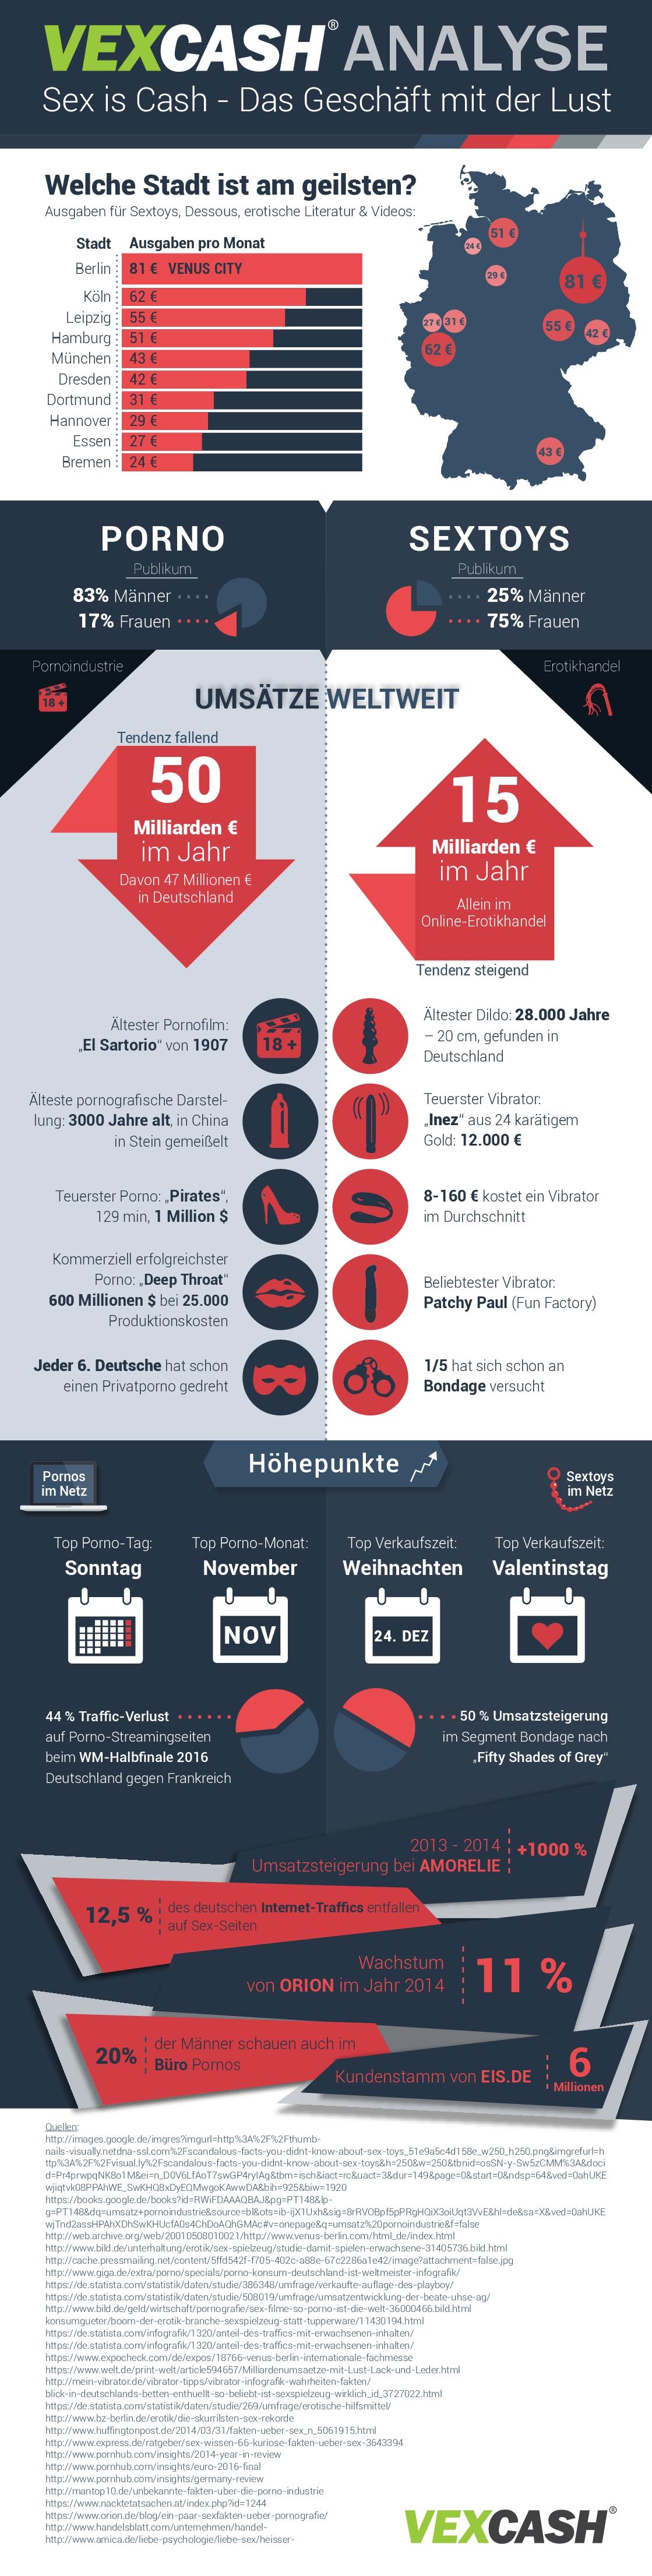 Infografik zu Sextoys und Porno, Quelle: https://www.vexcash.com/blog/sex-cash-mit-porno-und-sexspielzeug/